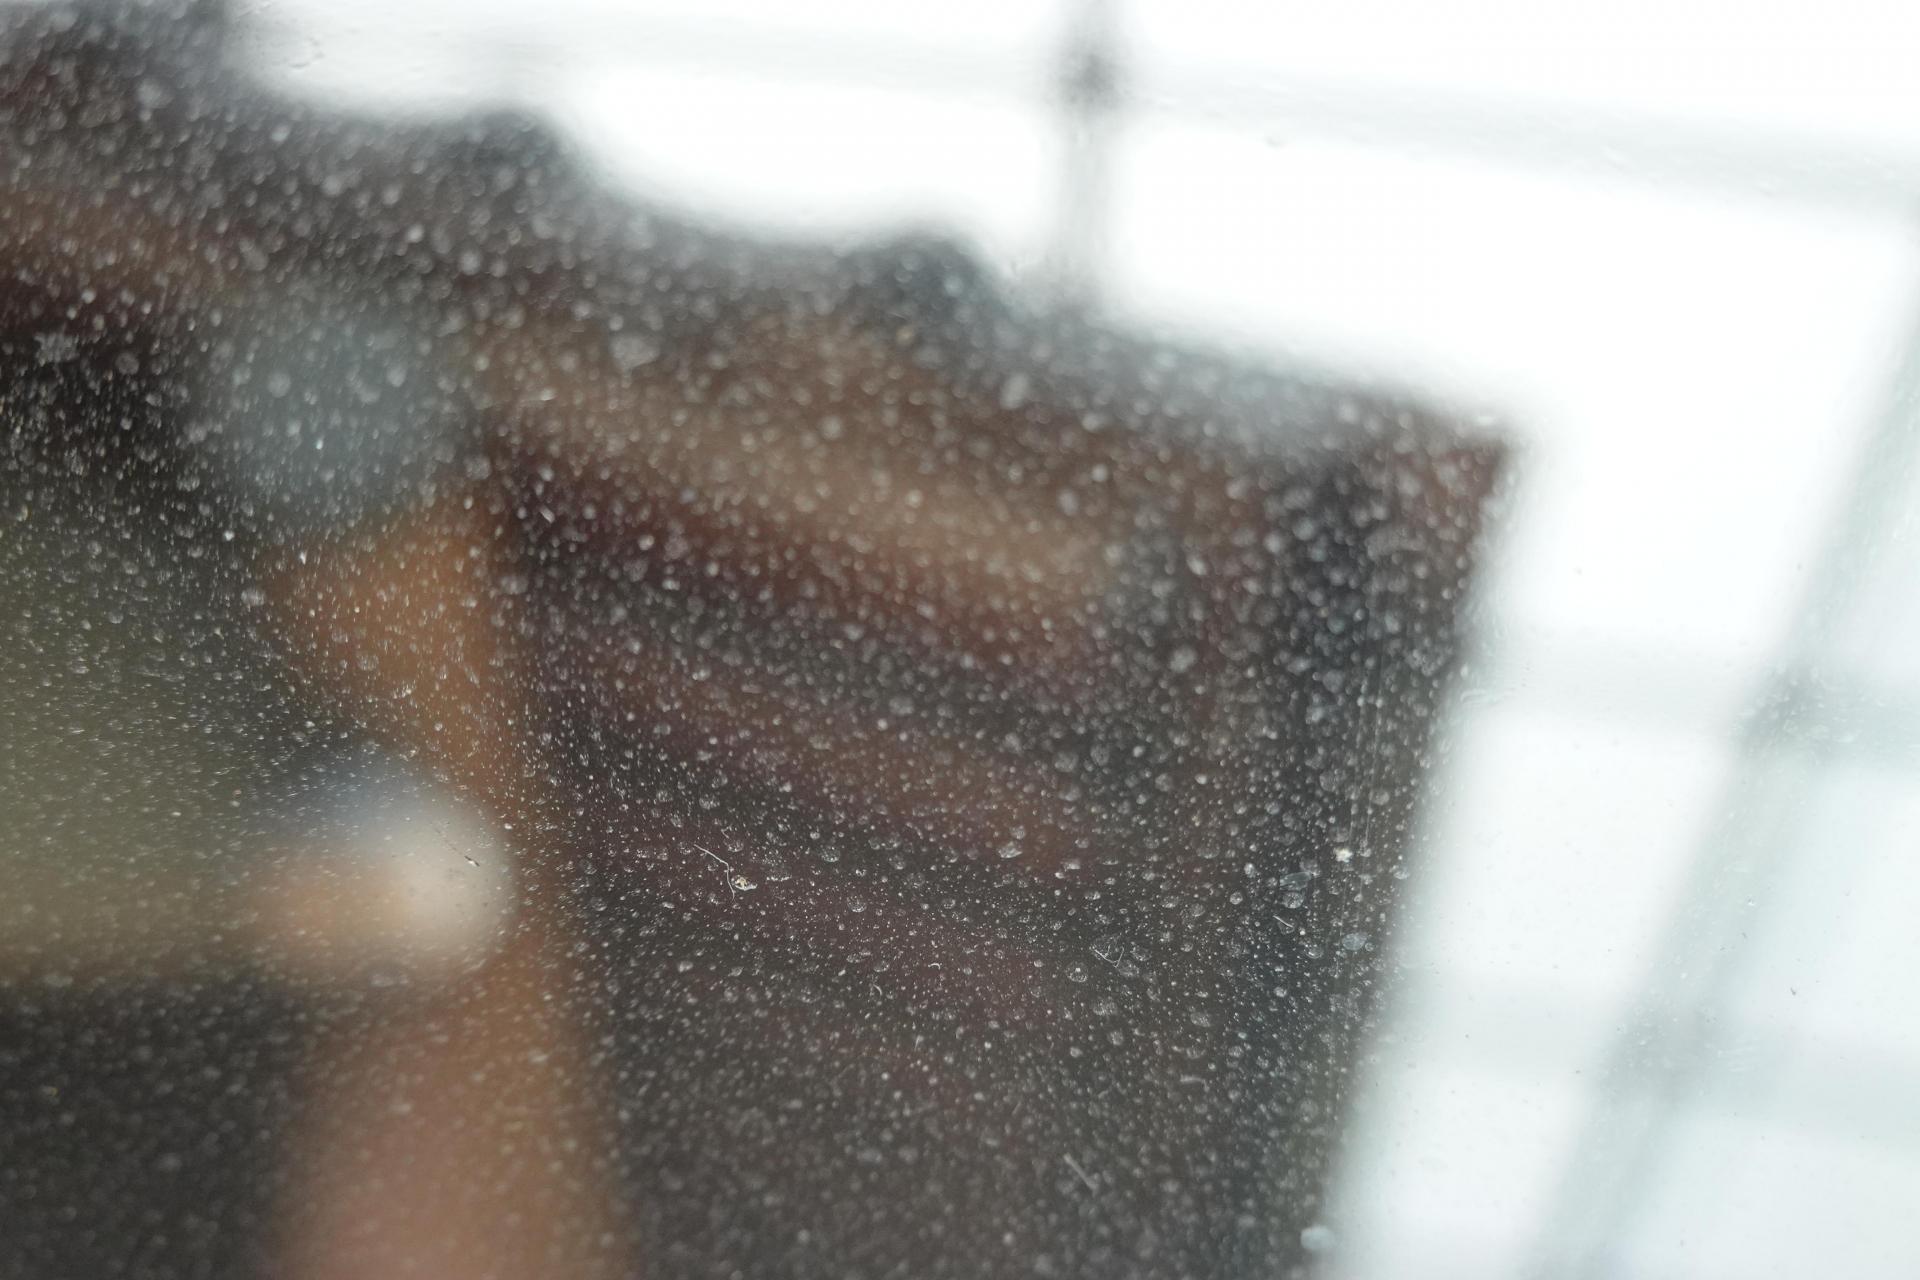 フロントガラスの汚れ